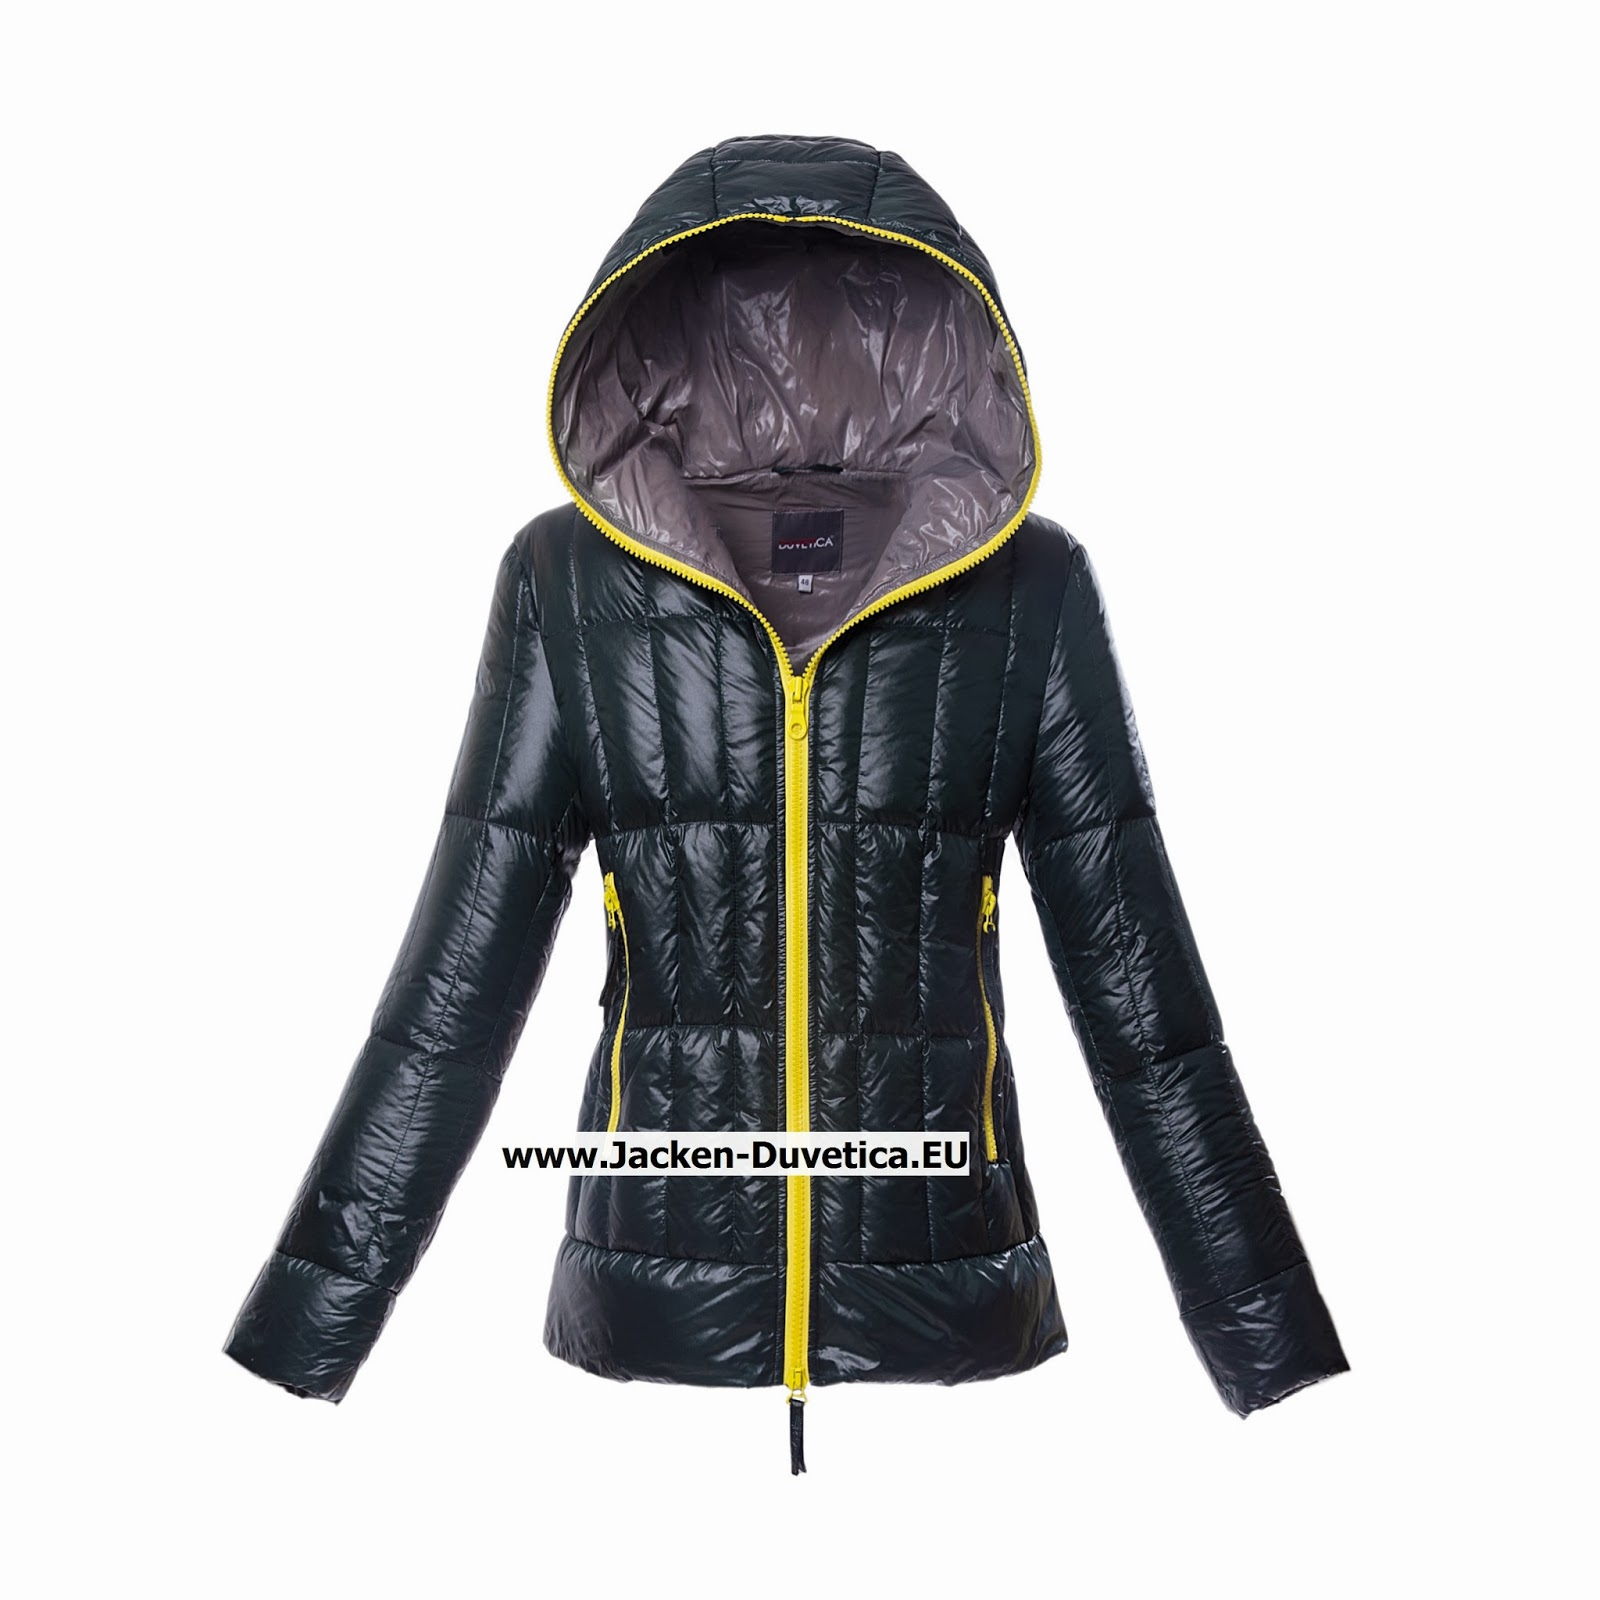 fa11d5fad4edeb günstig markenkleidung kaufen online